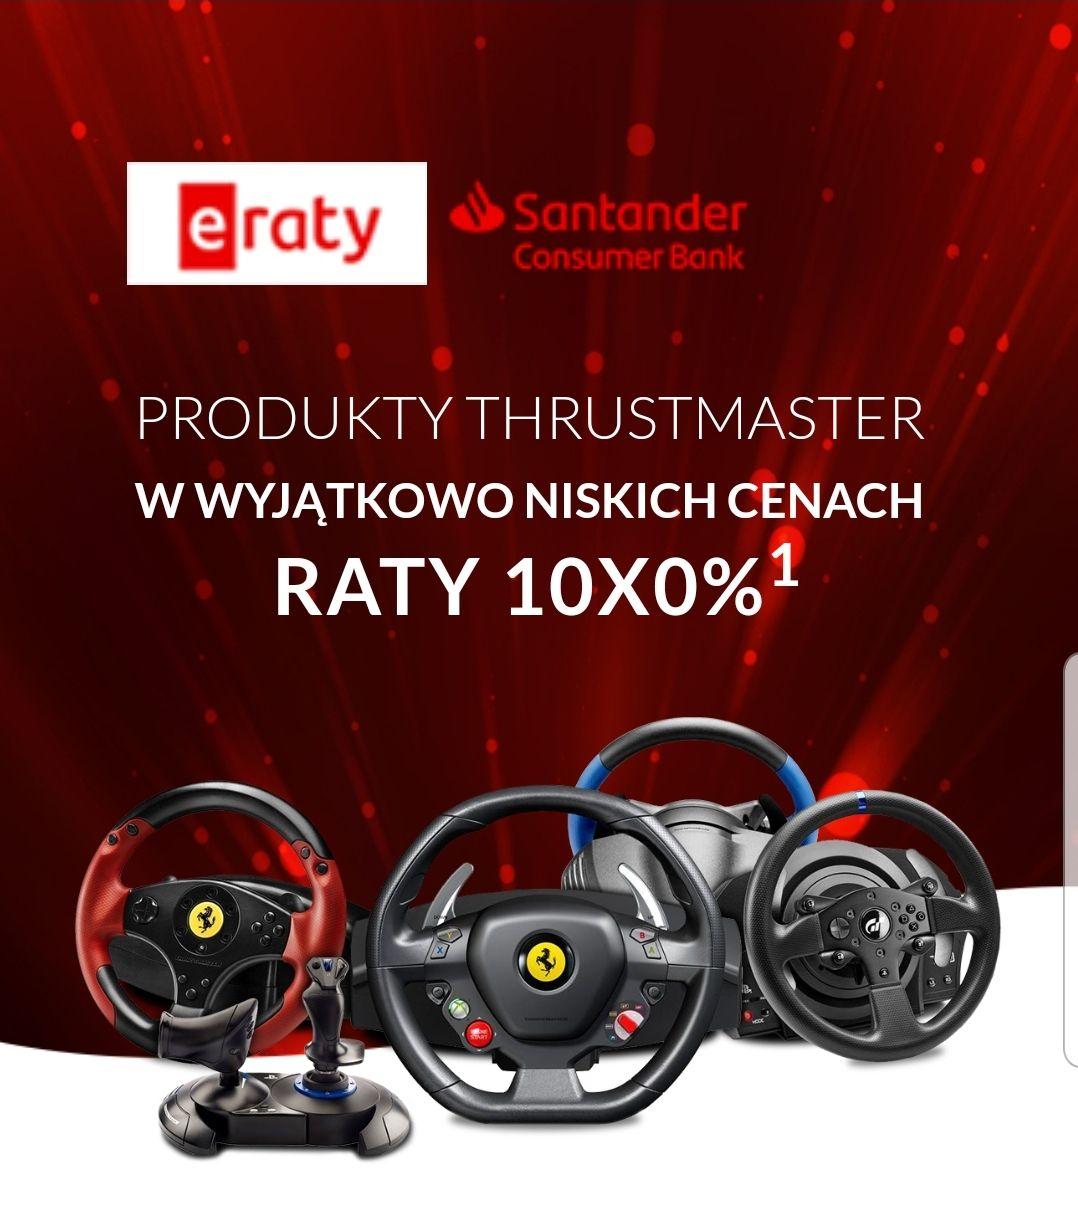 Kierownice oraz Joysticki Thrustmaster w obnizonych cenach + raty 0%